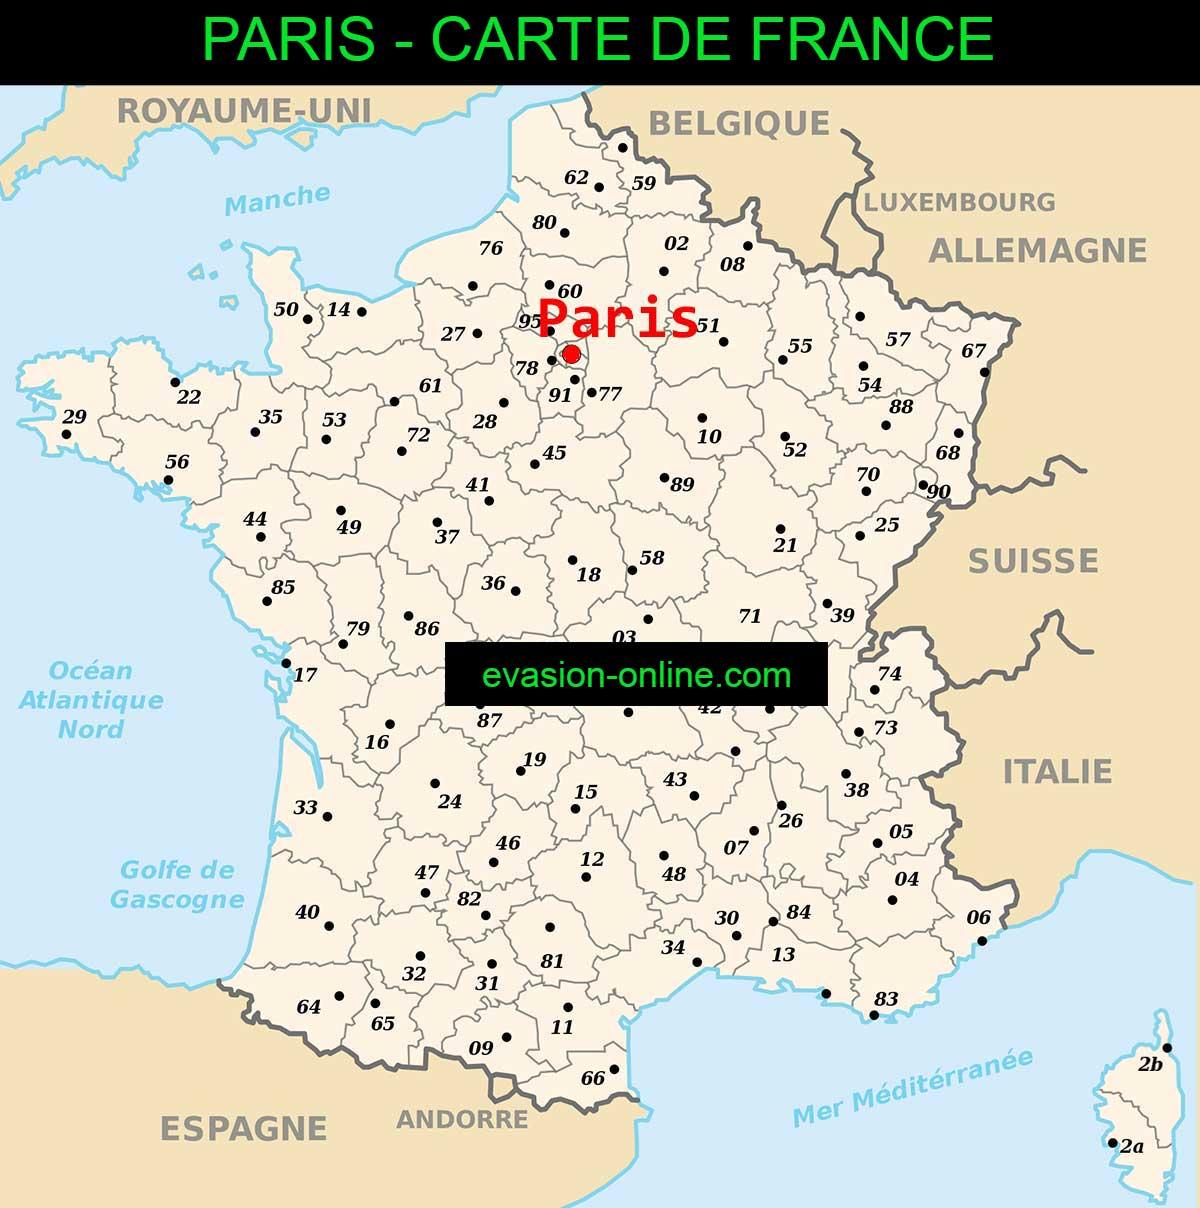 Paris sur la carte de France » Vacances - Arts- Guides Voyages